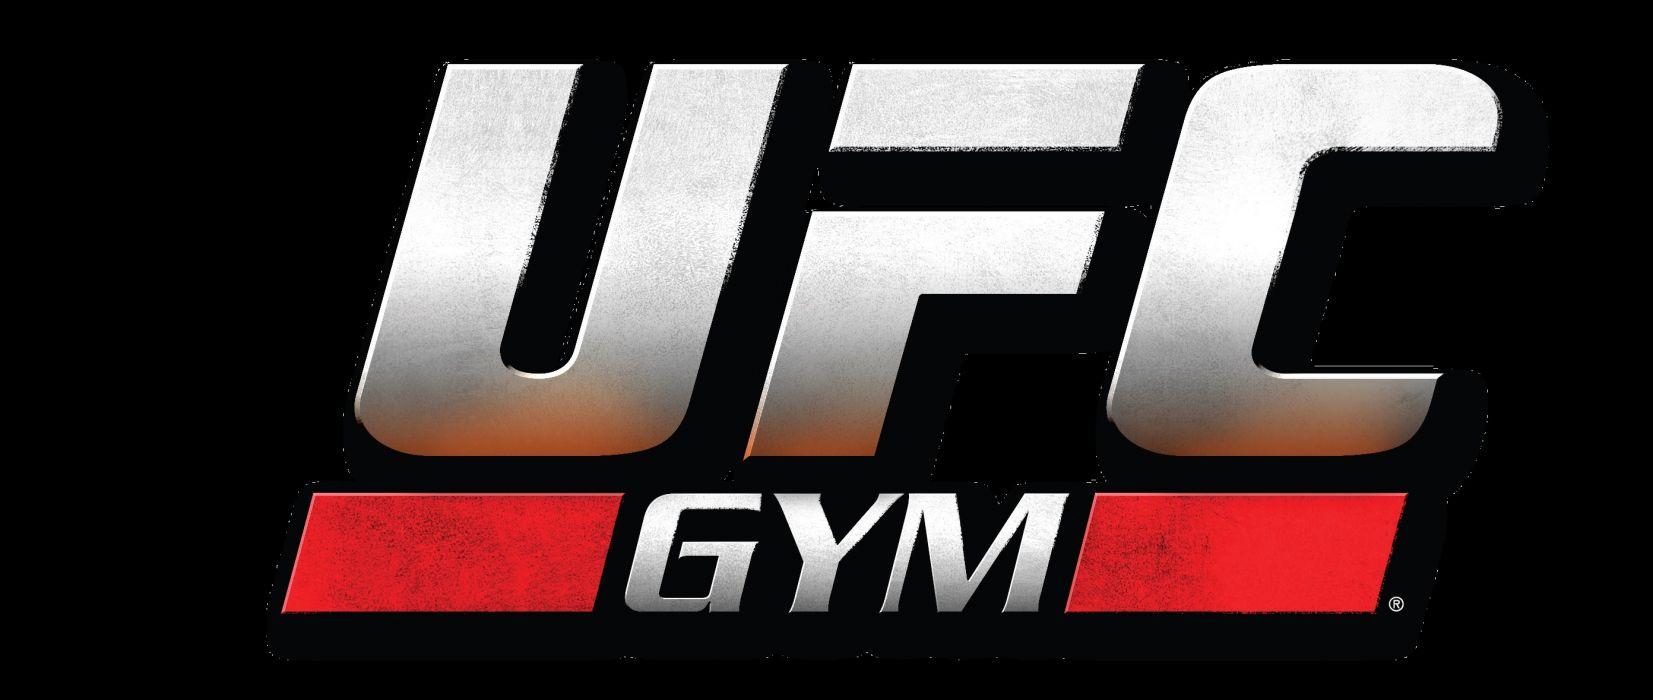 Ufc Mma Martial Arts Logo Poster G Wallpaper 2784x1179